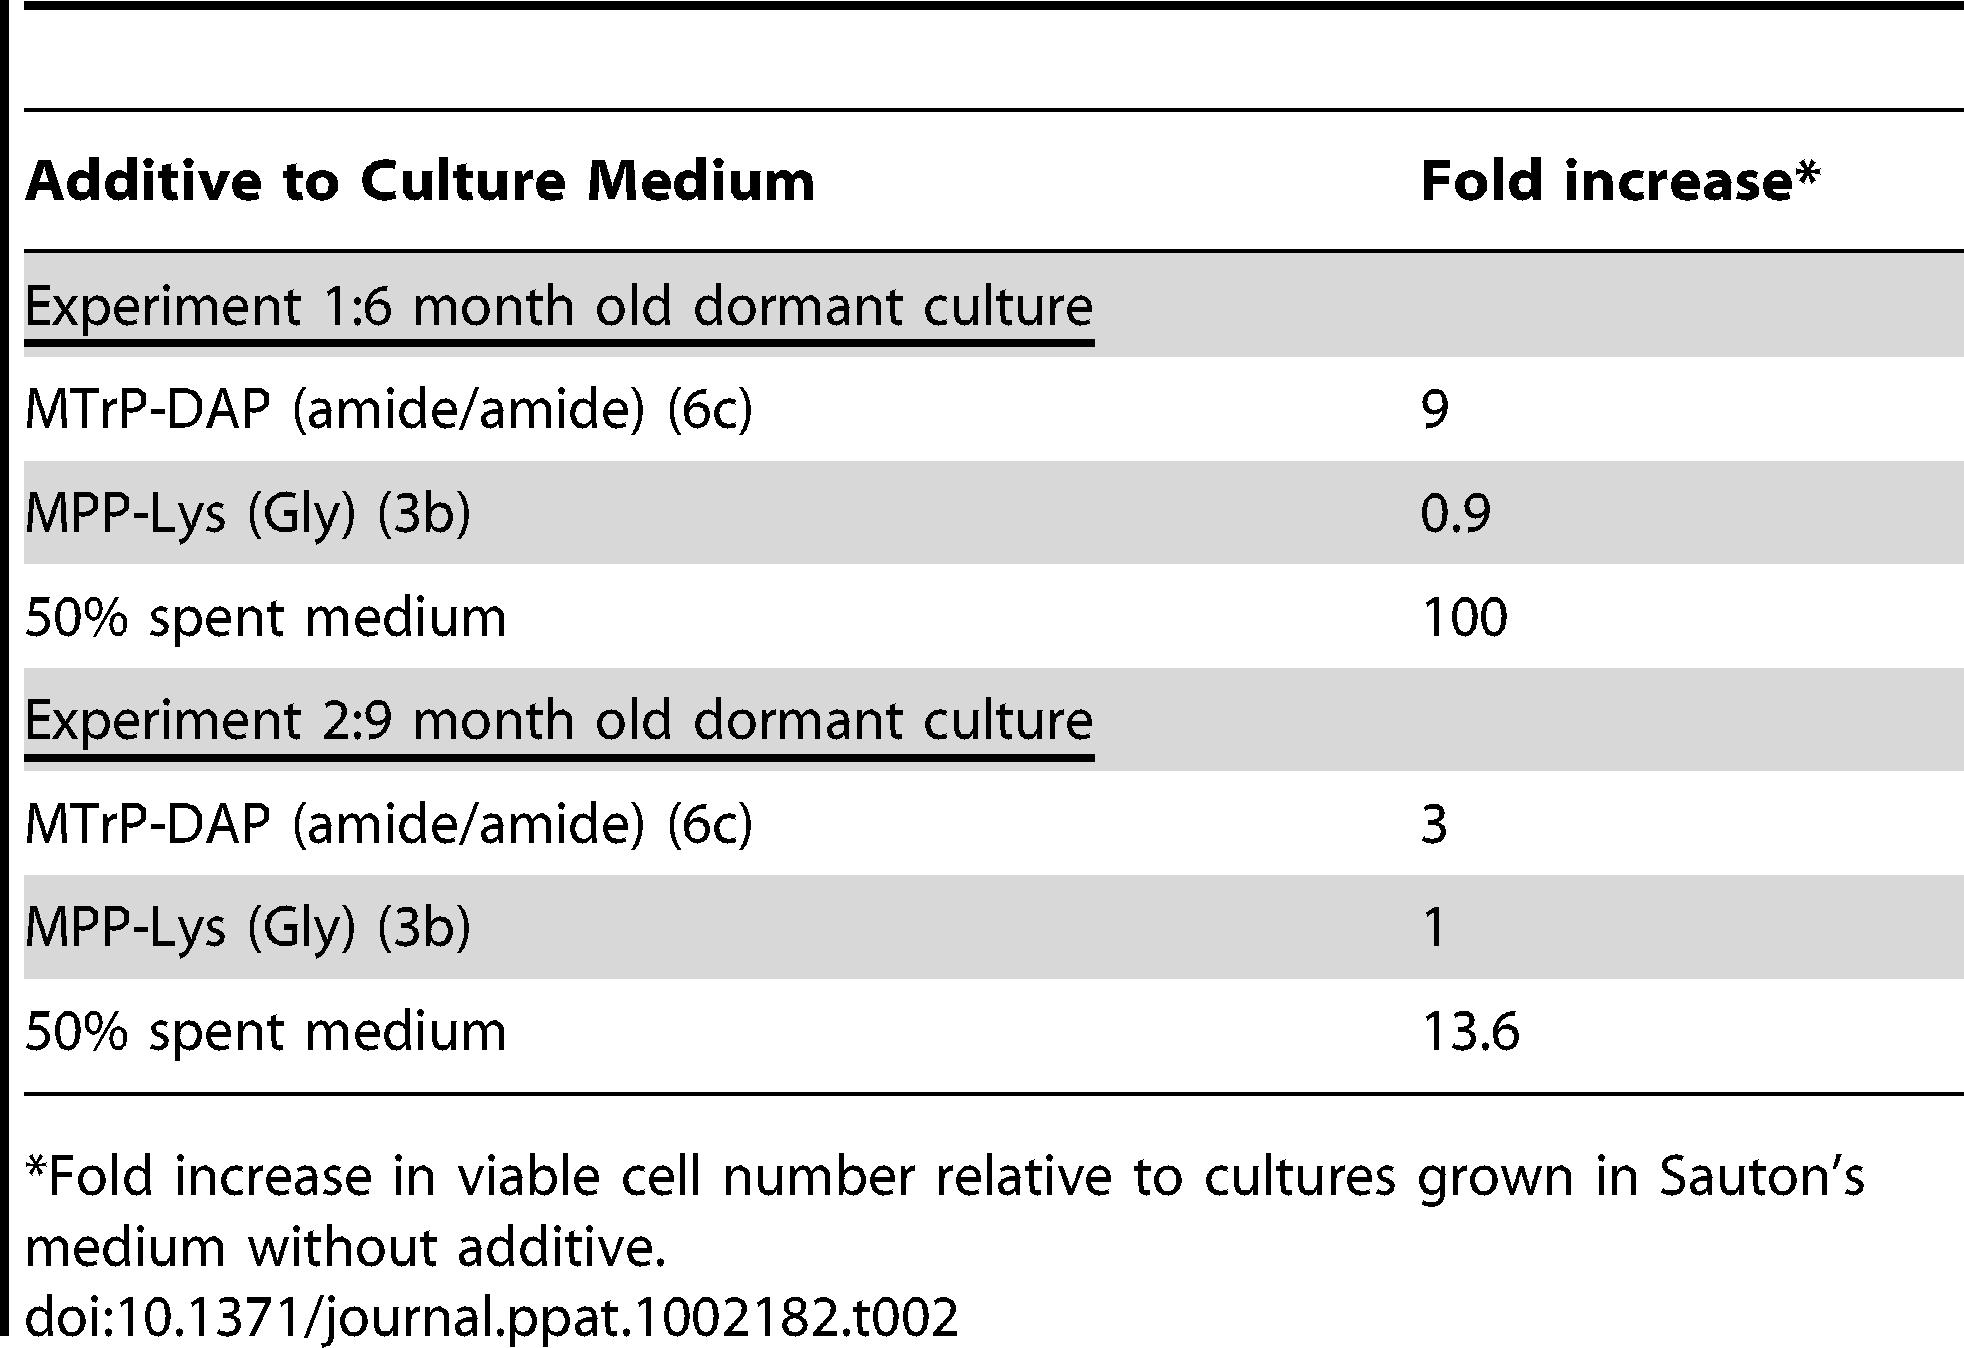 Resuscitation of dormant <i>M. tuberculosis</i> cultures.